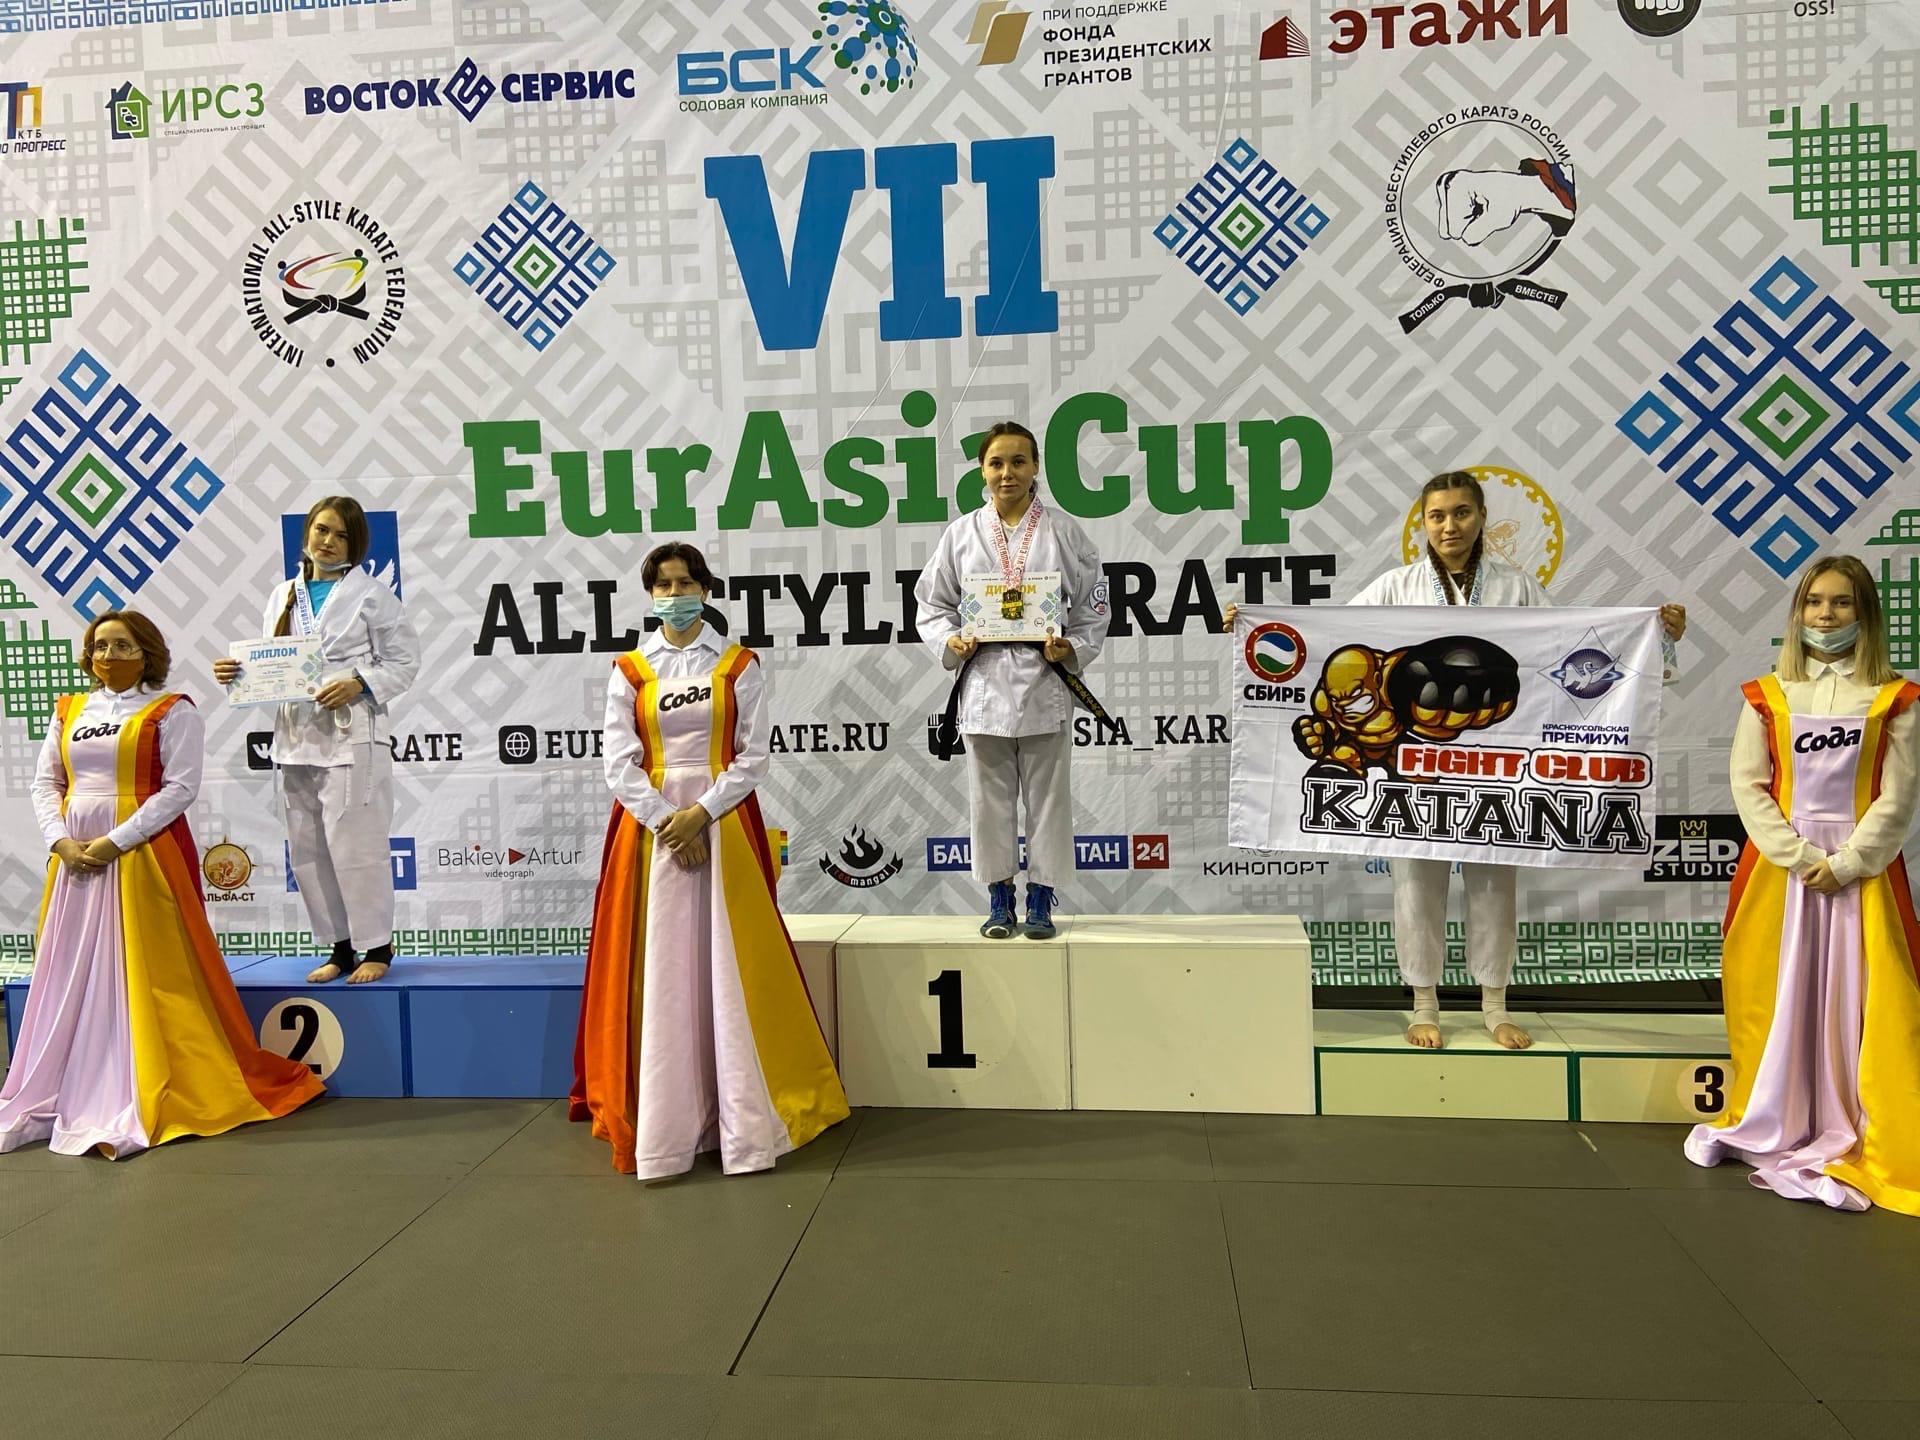 Можгинские спортсмены приняли участие во Всероссийских соревнованиях